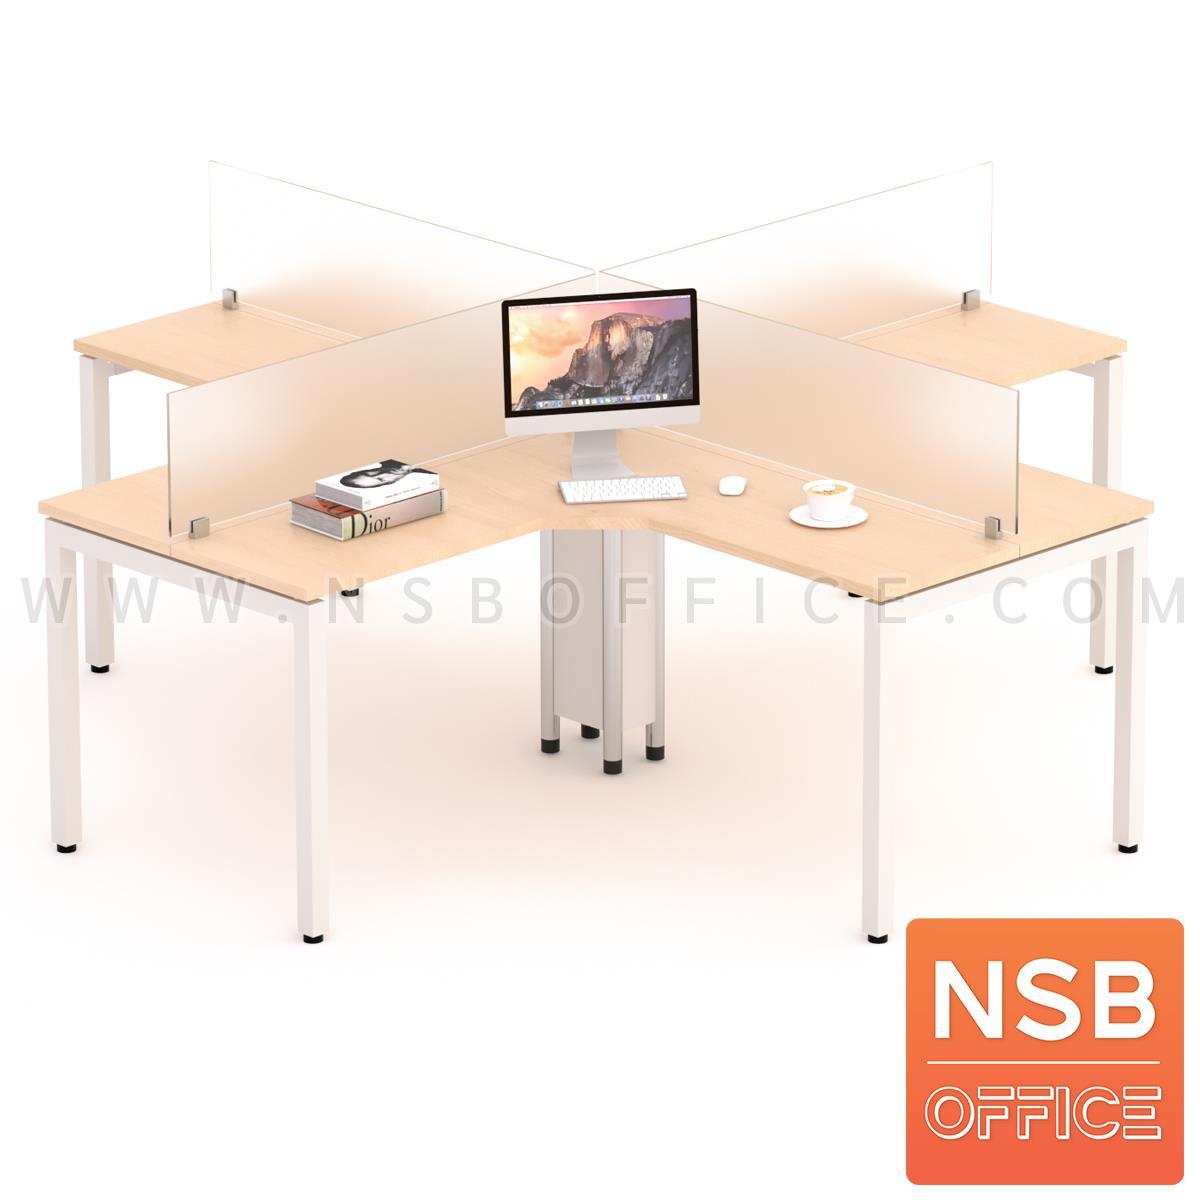 โต๊ะทำงานกลุ่มตัวแอล 4 ที่นั่ง  ขนาด 240W*240D cm. ขาเหล็กกล่อง